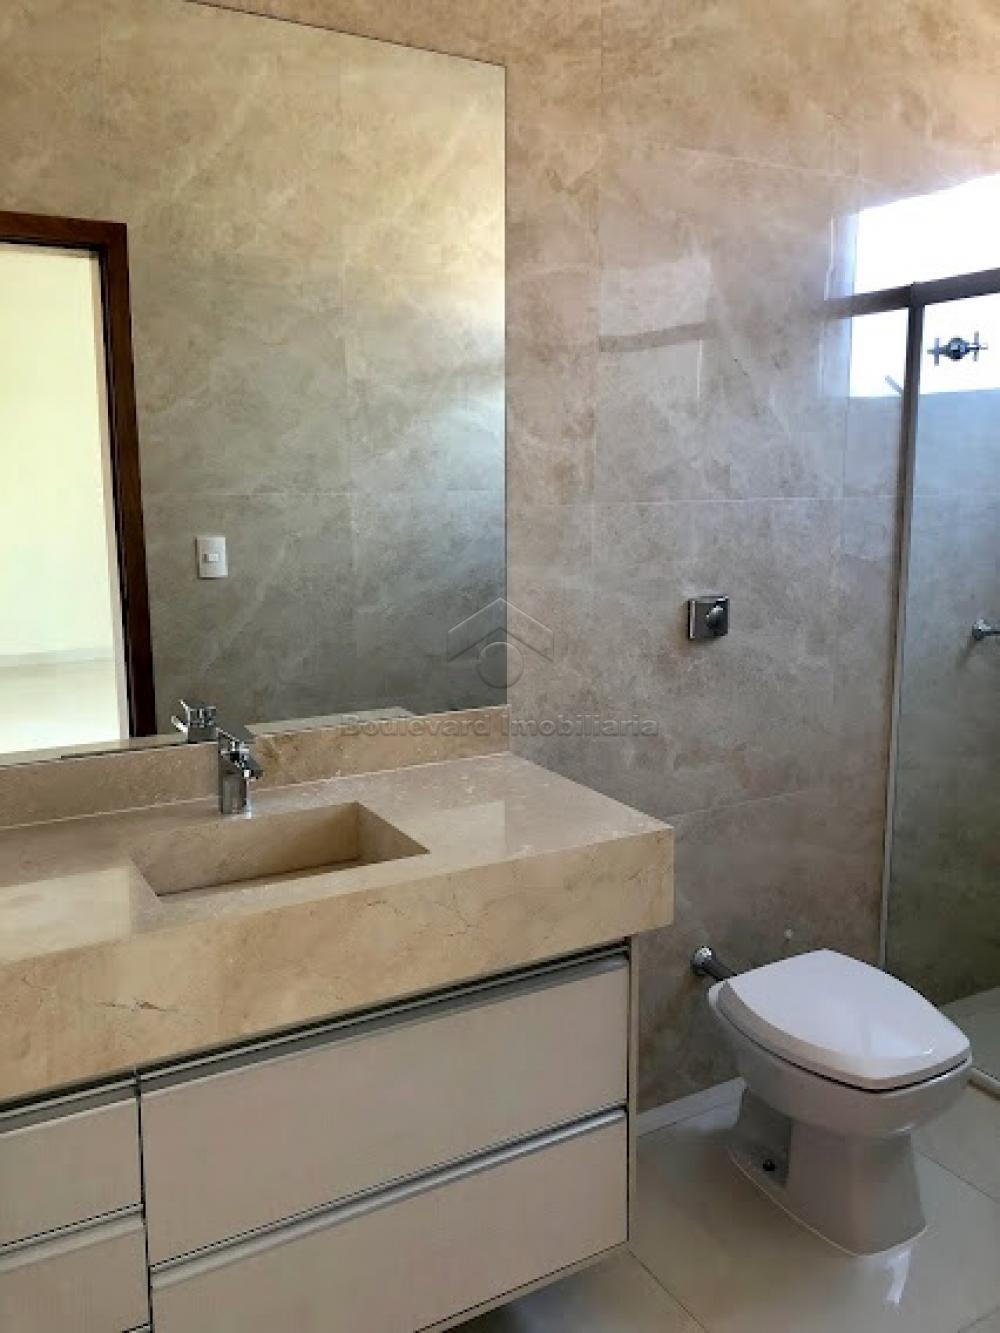 Comprar Casa / Condomínio em Ribeirão Preto R$ 1.380.000,00 - Foto 6